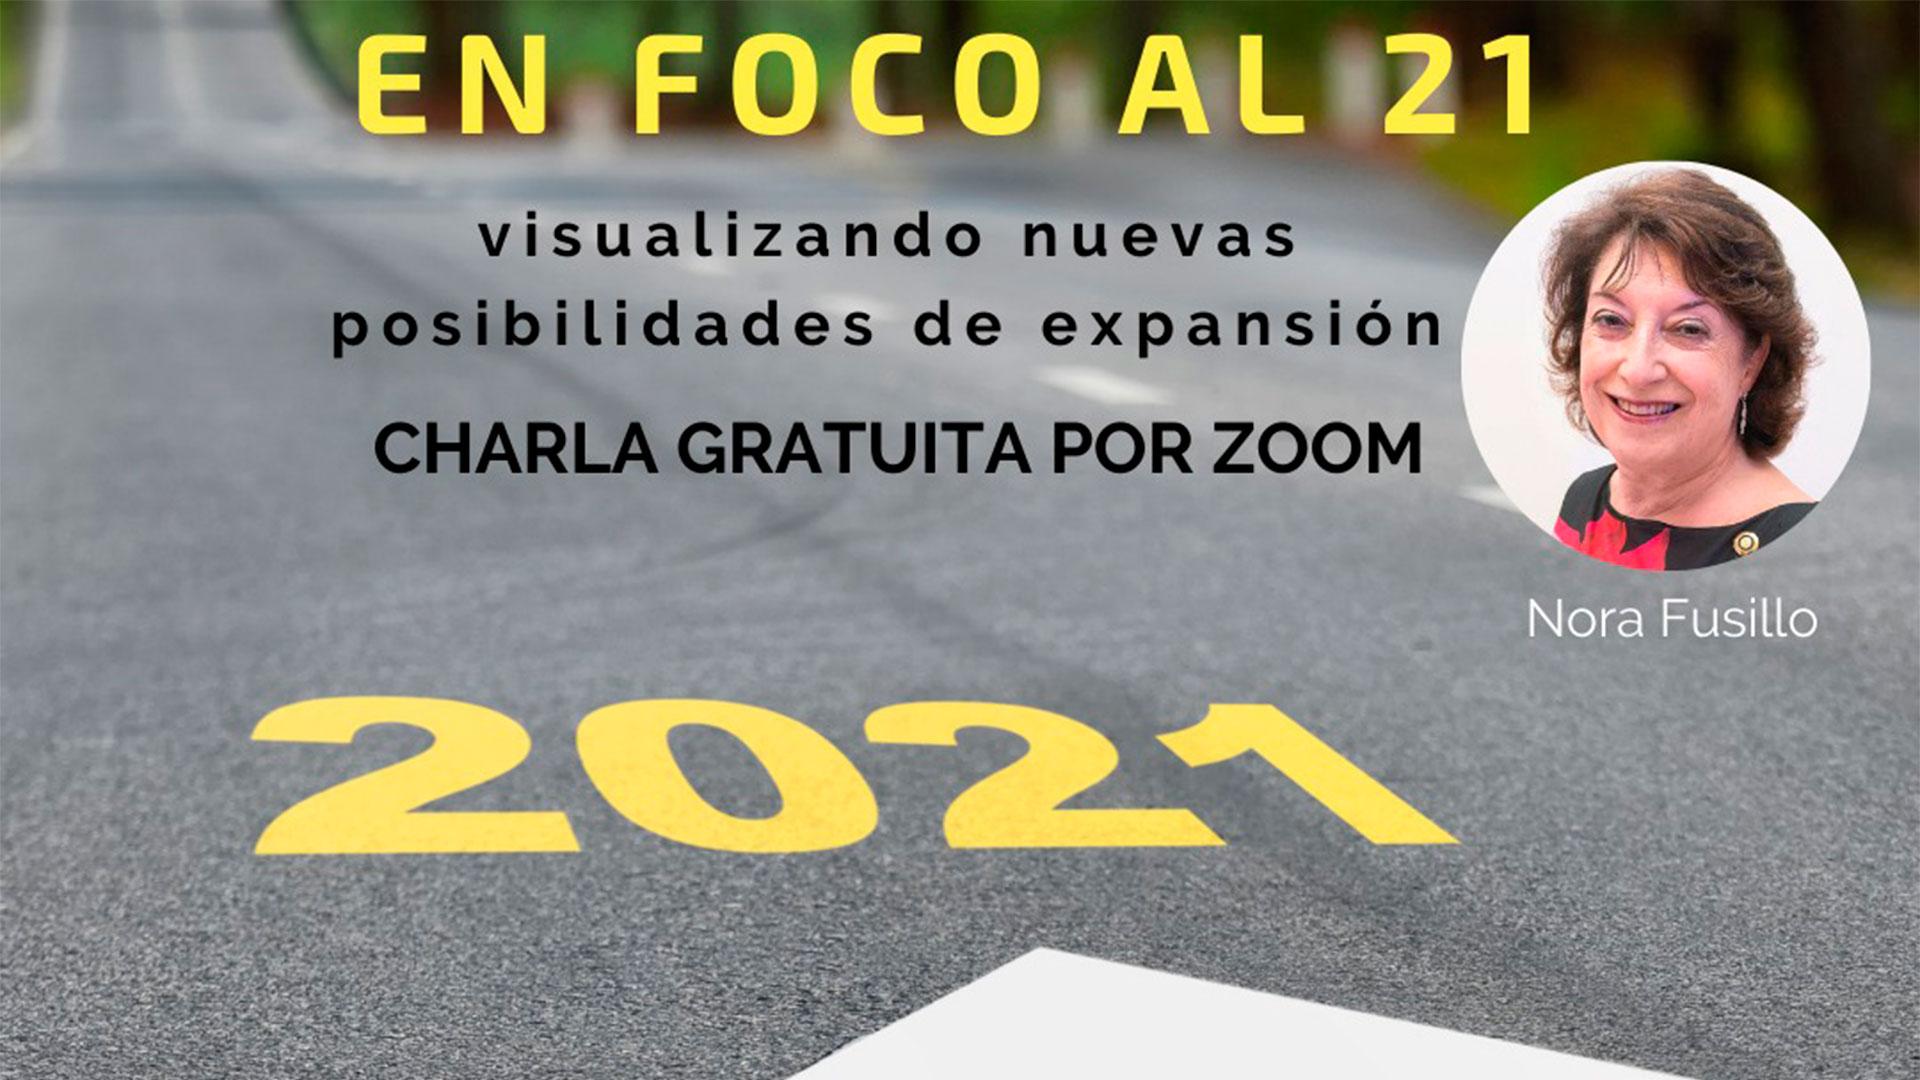 Cómo enfocarse al 2021, Casa Espejo Cristal